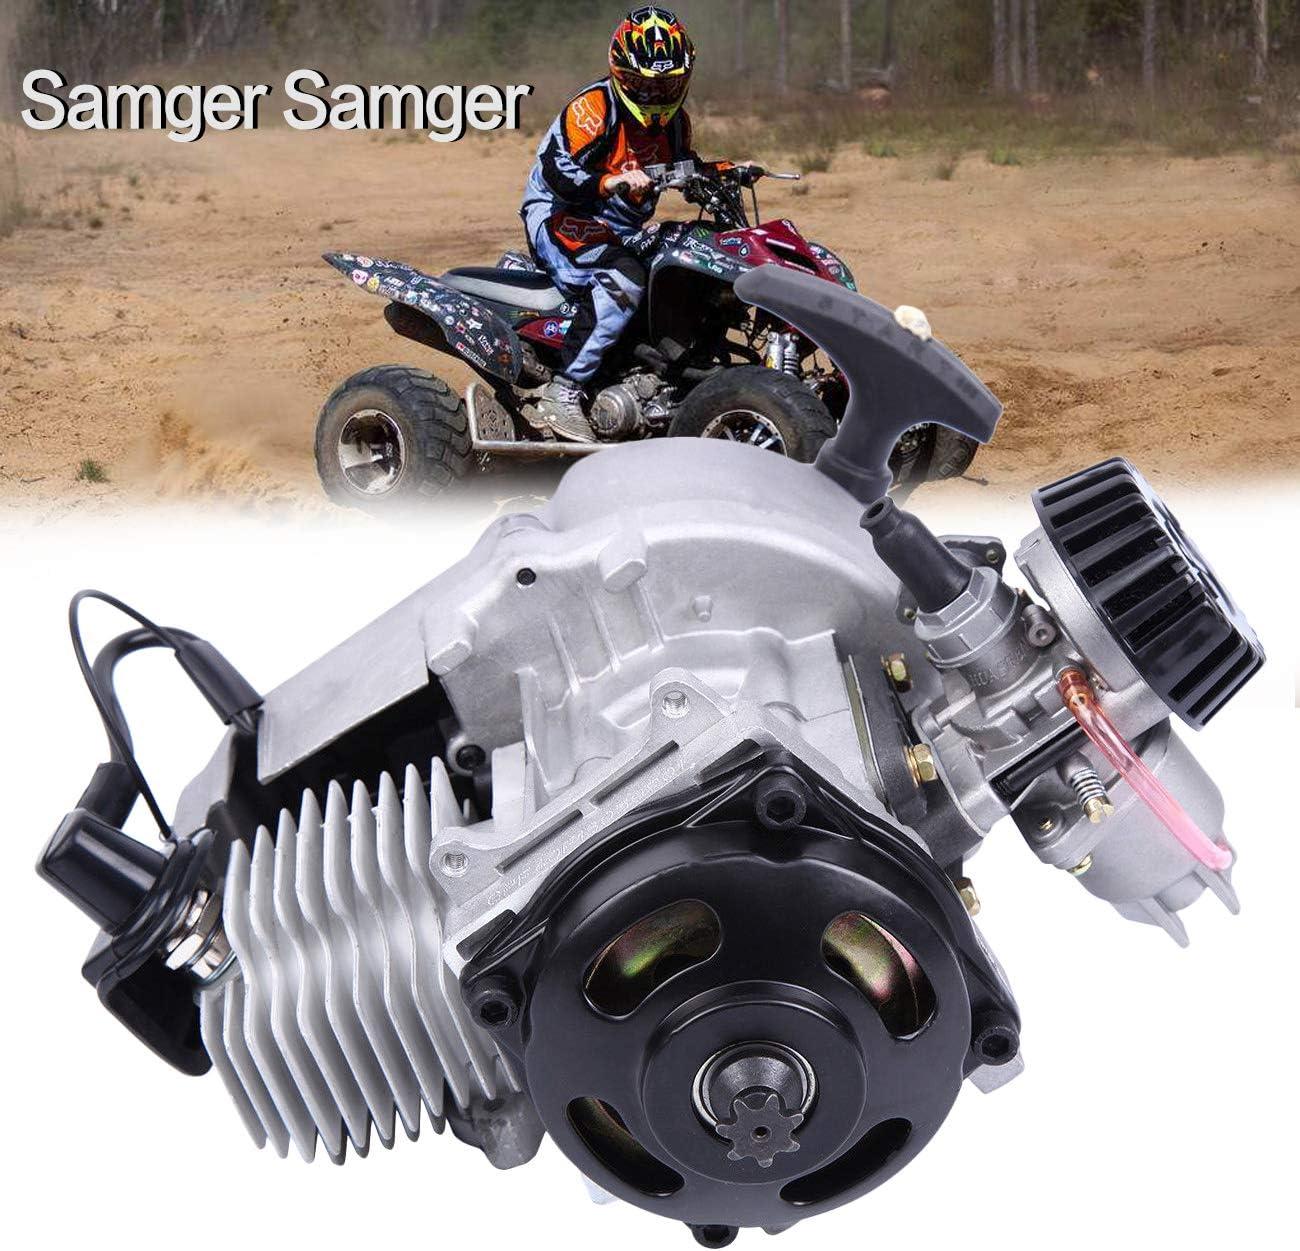 Samger Samger 49cc 2 Tiempos Motor Inicio de retroceso para Gas Scooter Pocket bike Mini Choppers